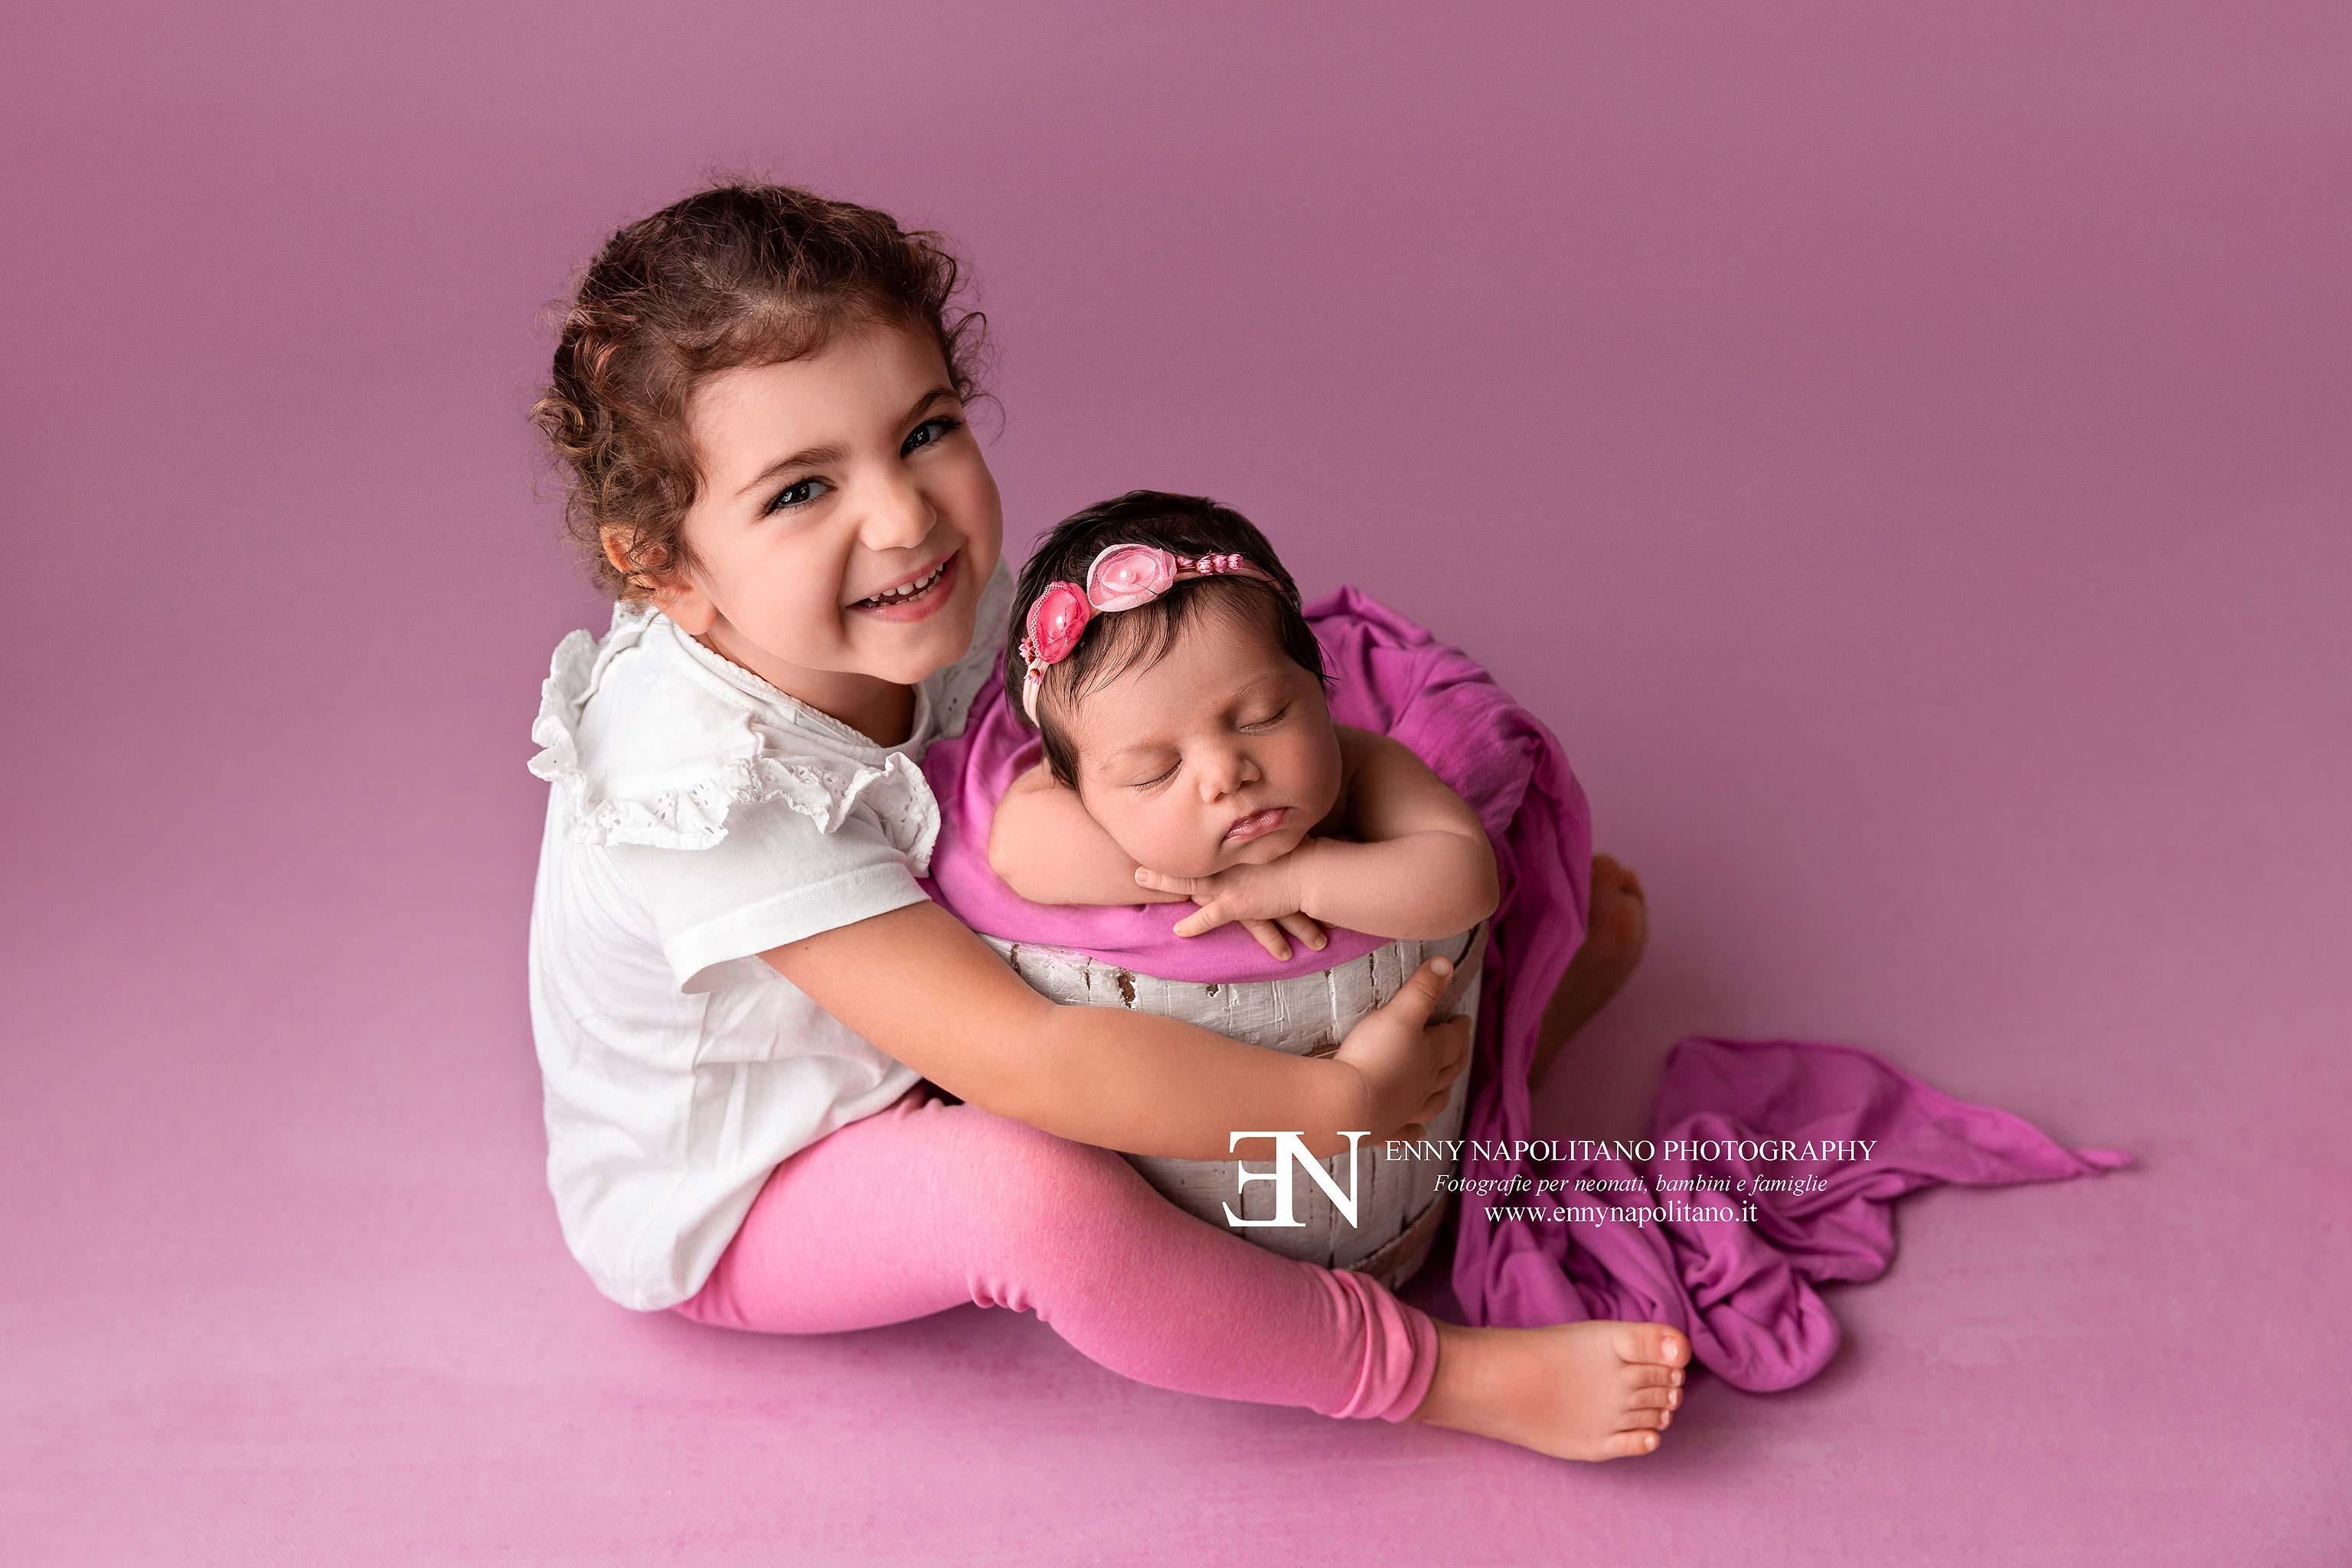 Fotografia di sorelle neonata newborn bambine Milano